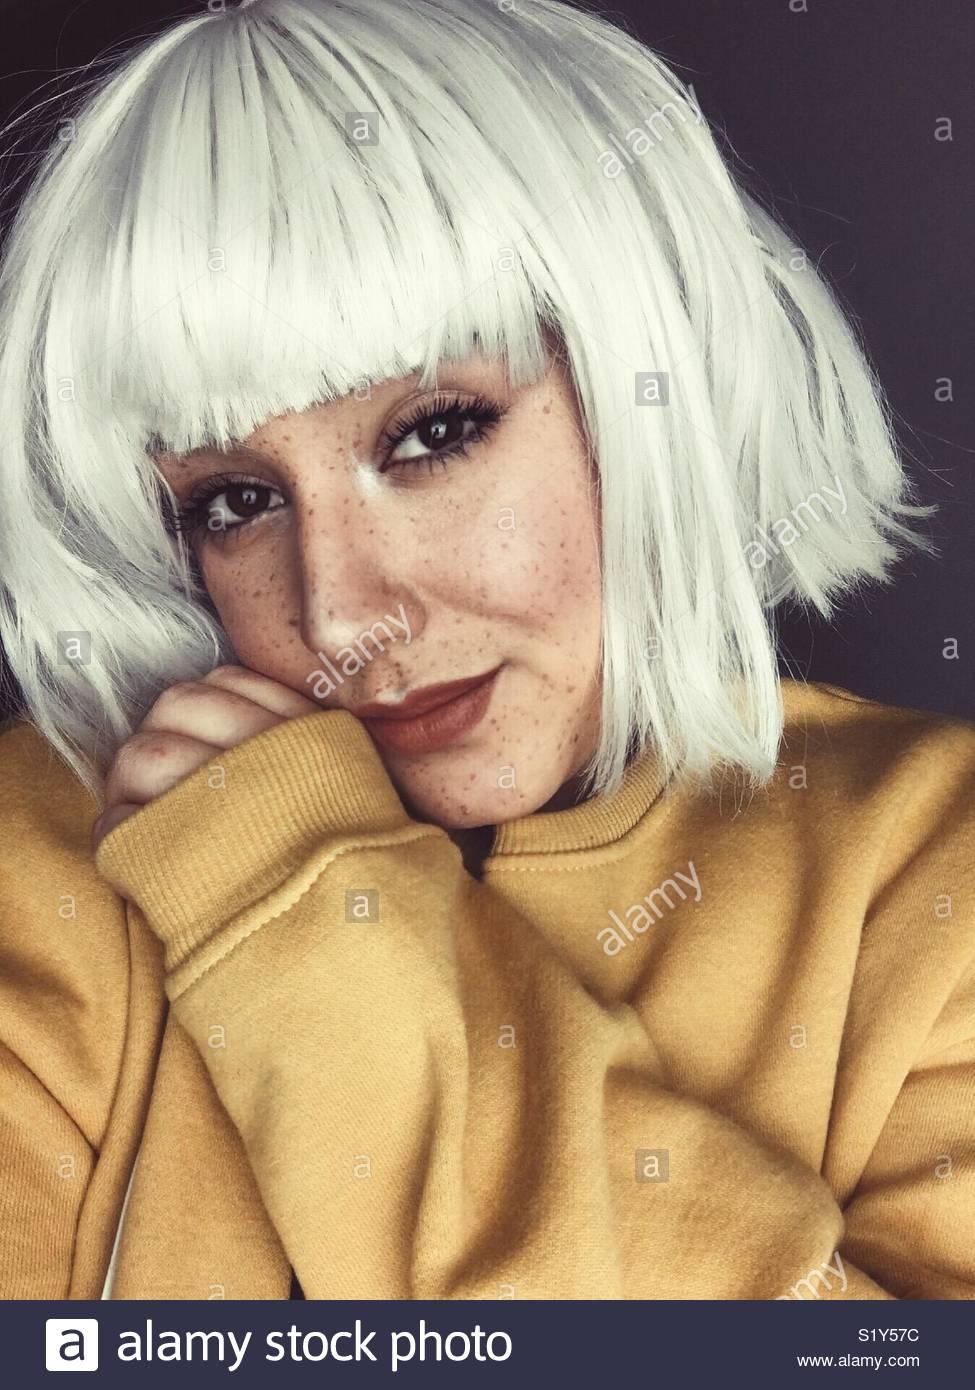 Jeune fille aux taches de rousseur et les cheveux blancs. Photo Stock